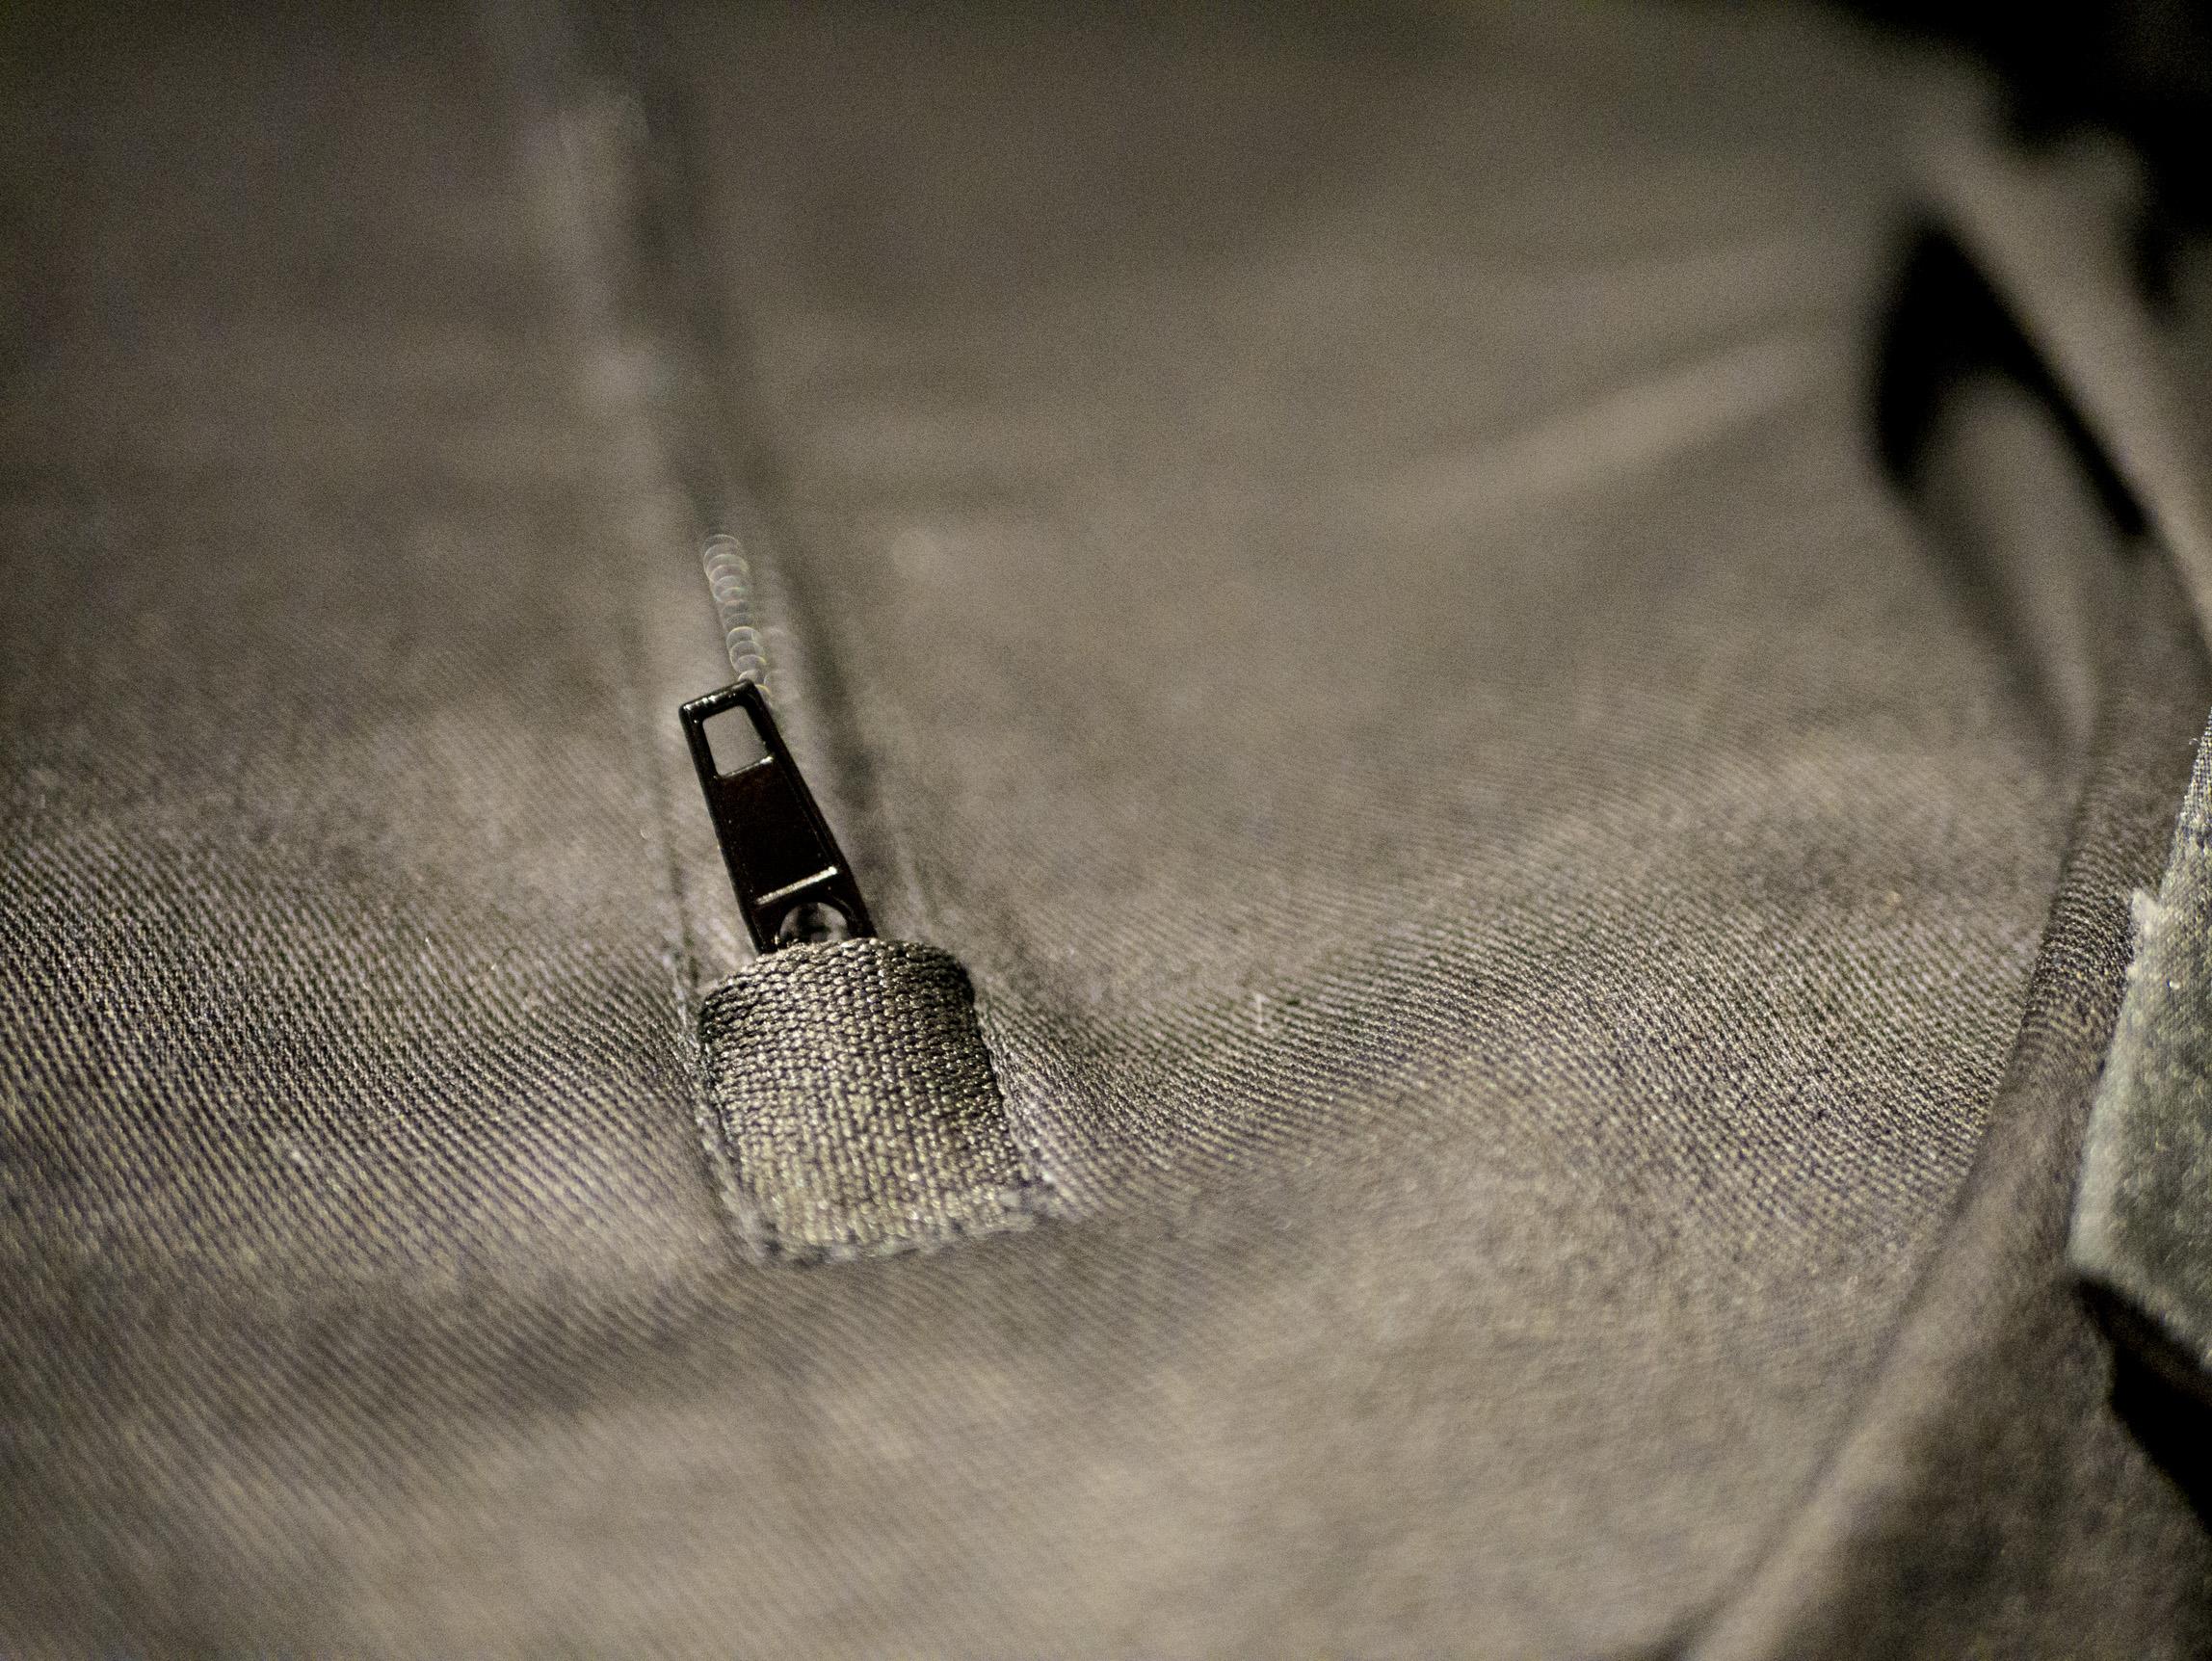 Cierra la cremallera en el bolsillo trasero de Benji Fender Helstons